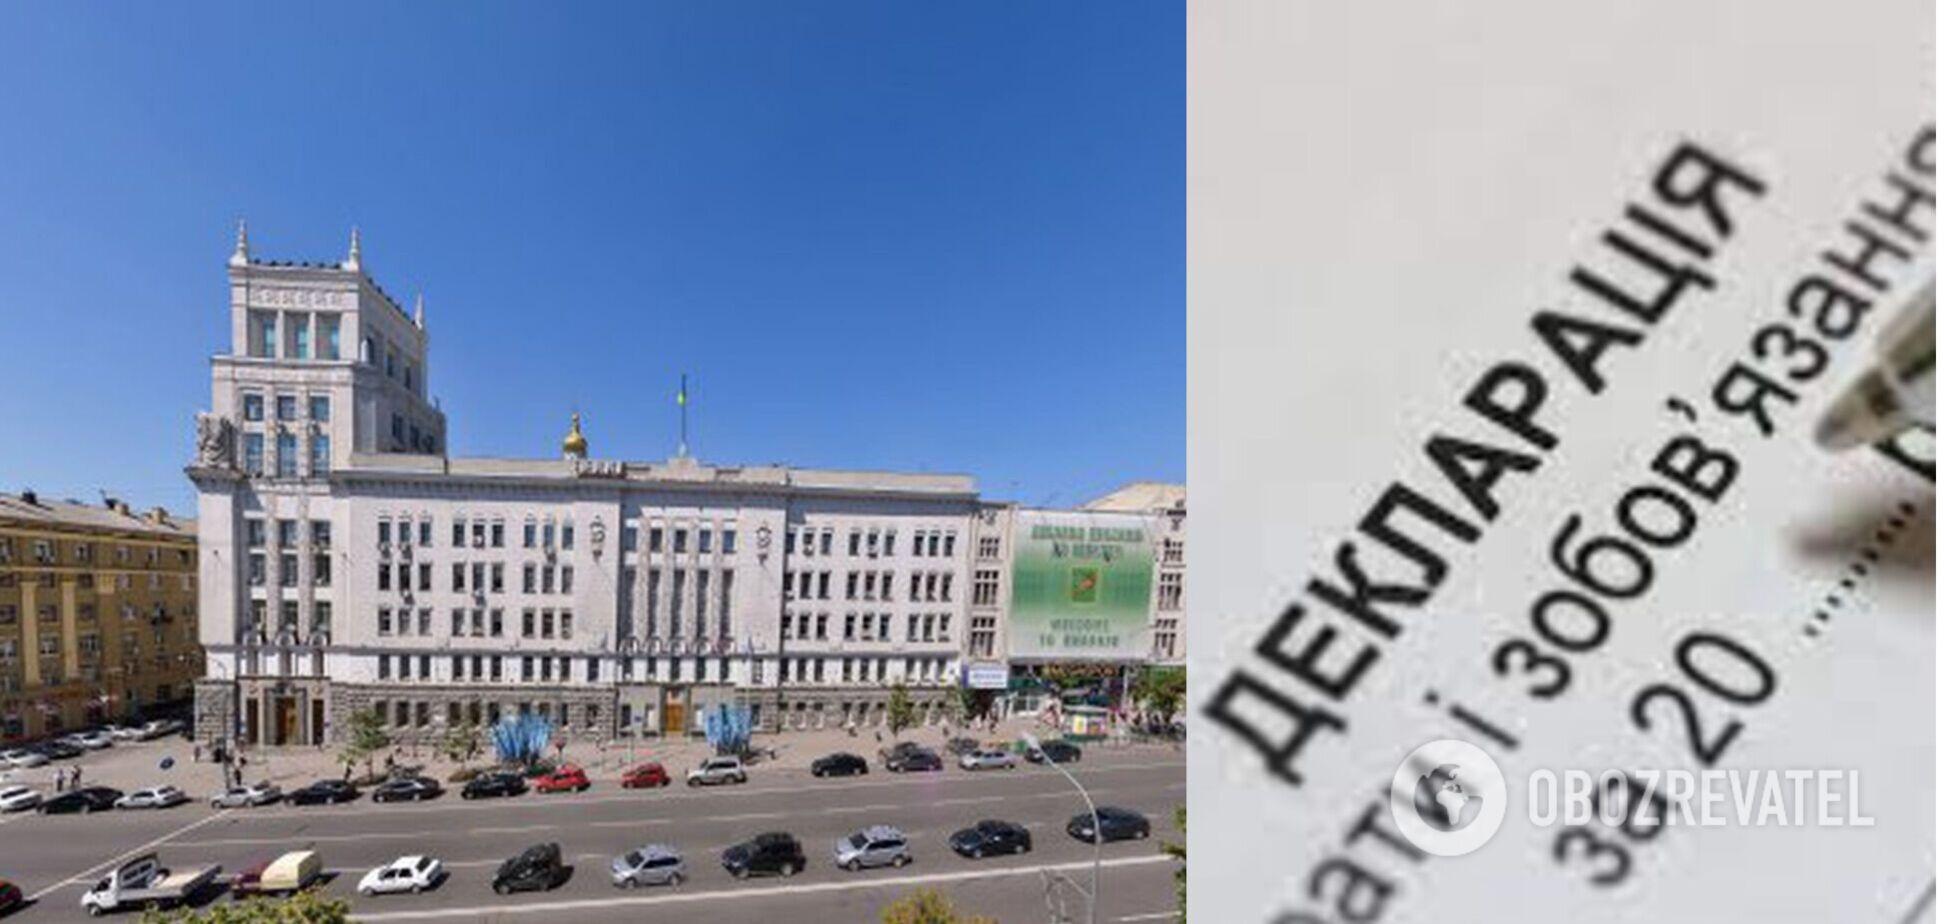 Депутаты горсовета Харькова владеют недвижимостью в оккупированном Крыму: названы имена